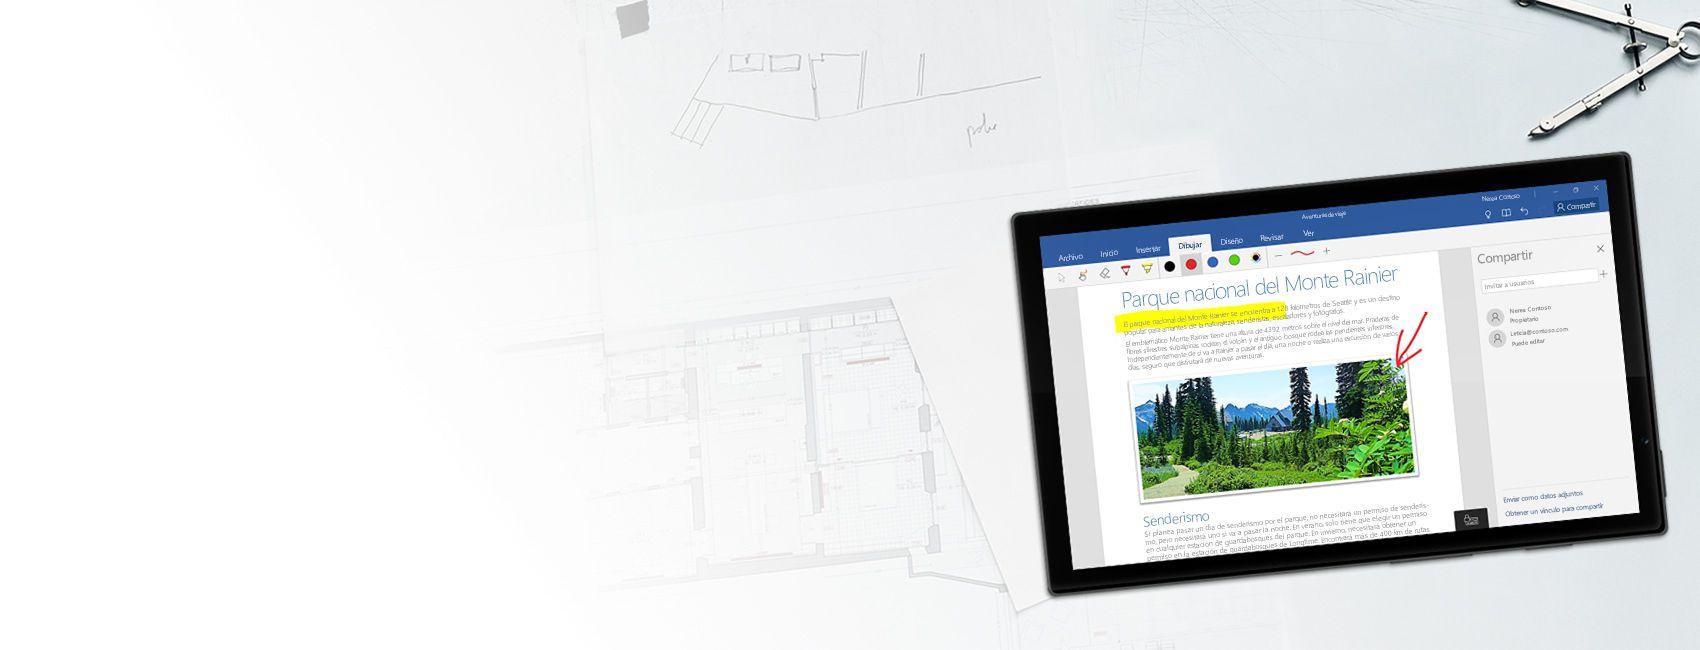 Tableta Windows en la que se muestra un documento sobre el Parque Nacional del Monte Rainier en Word para Windows 10 Mobile